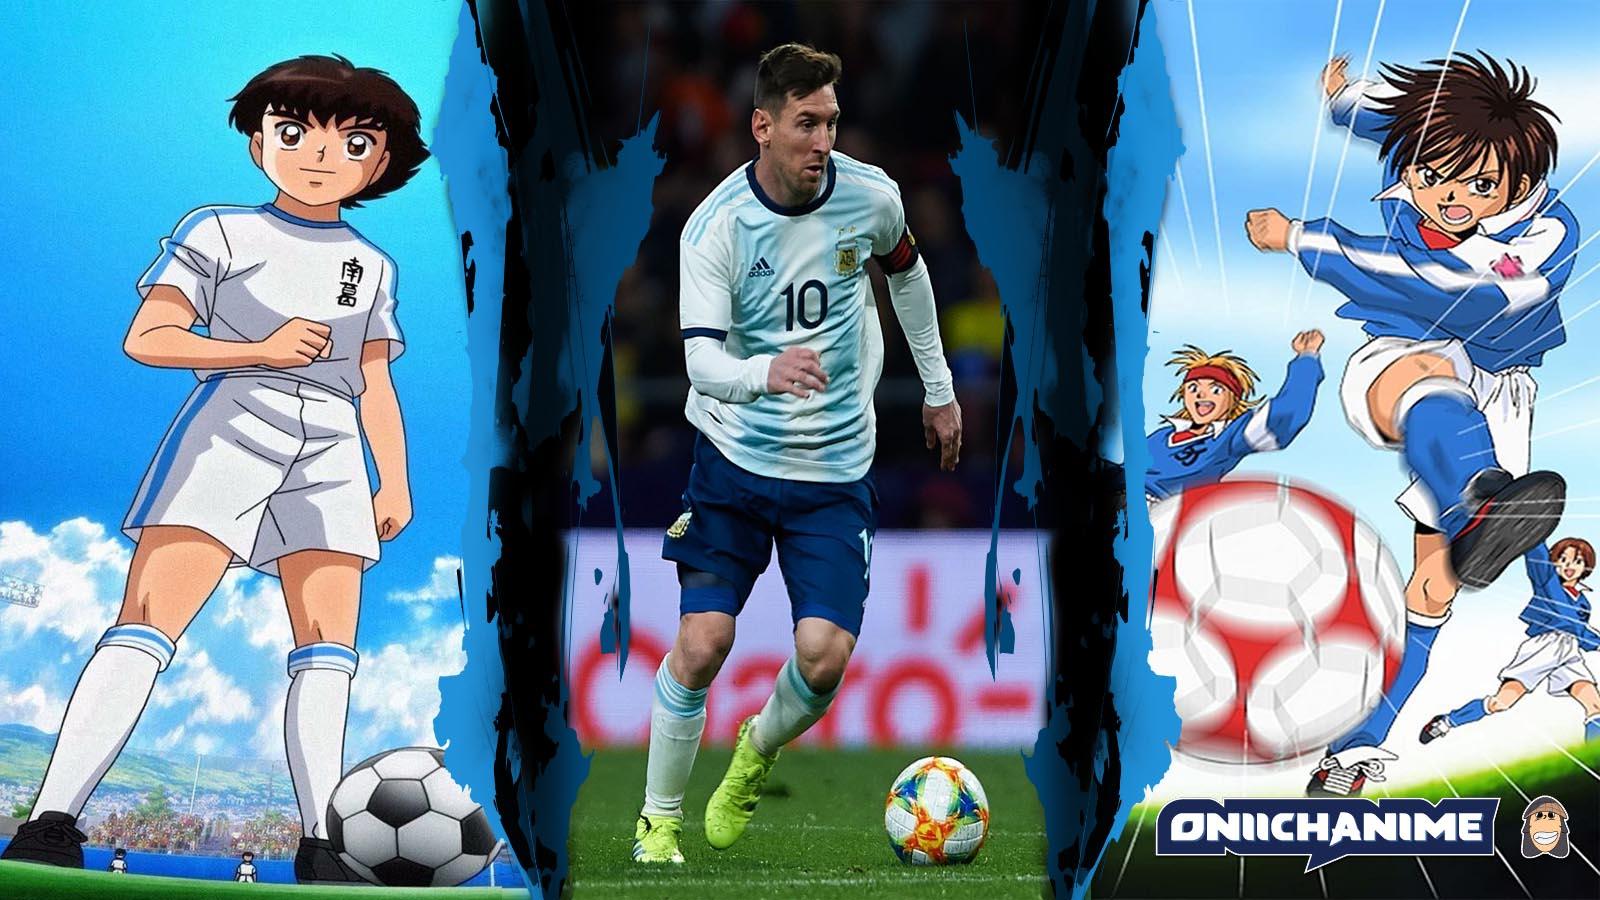 Personajes de anime parecidos a Messi